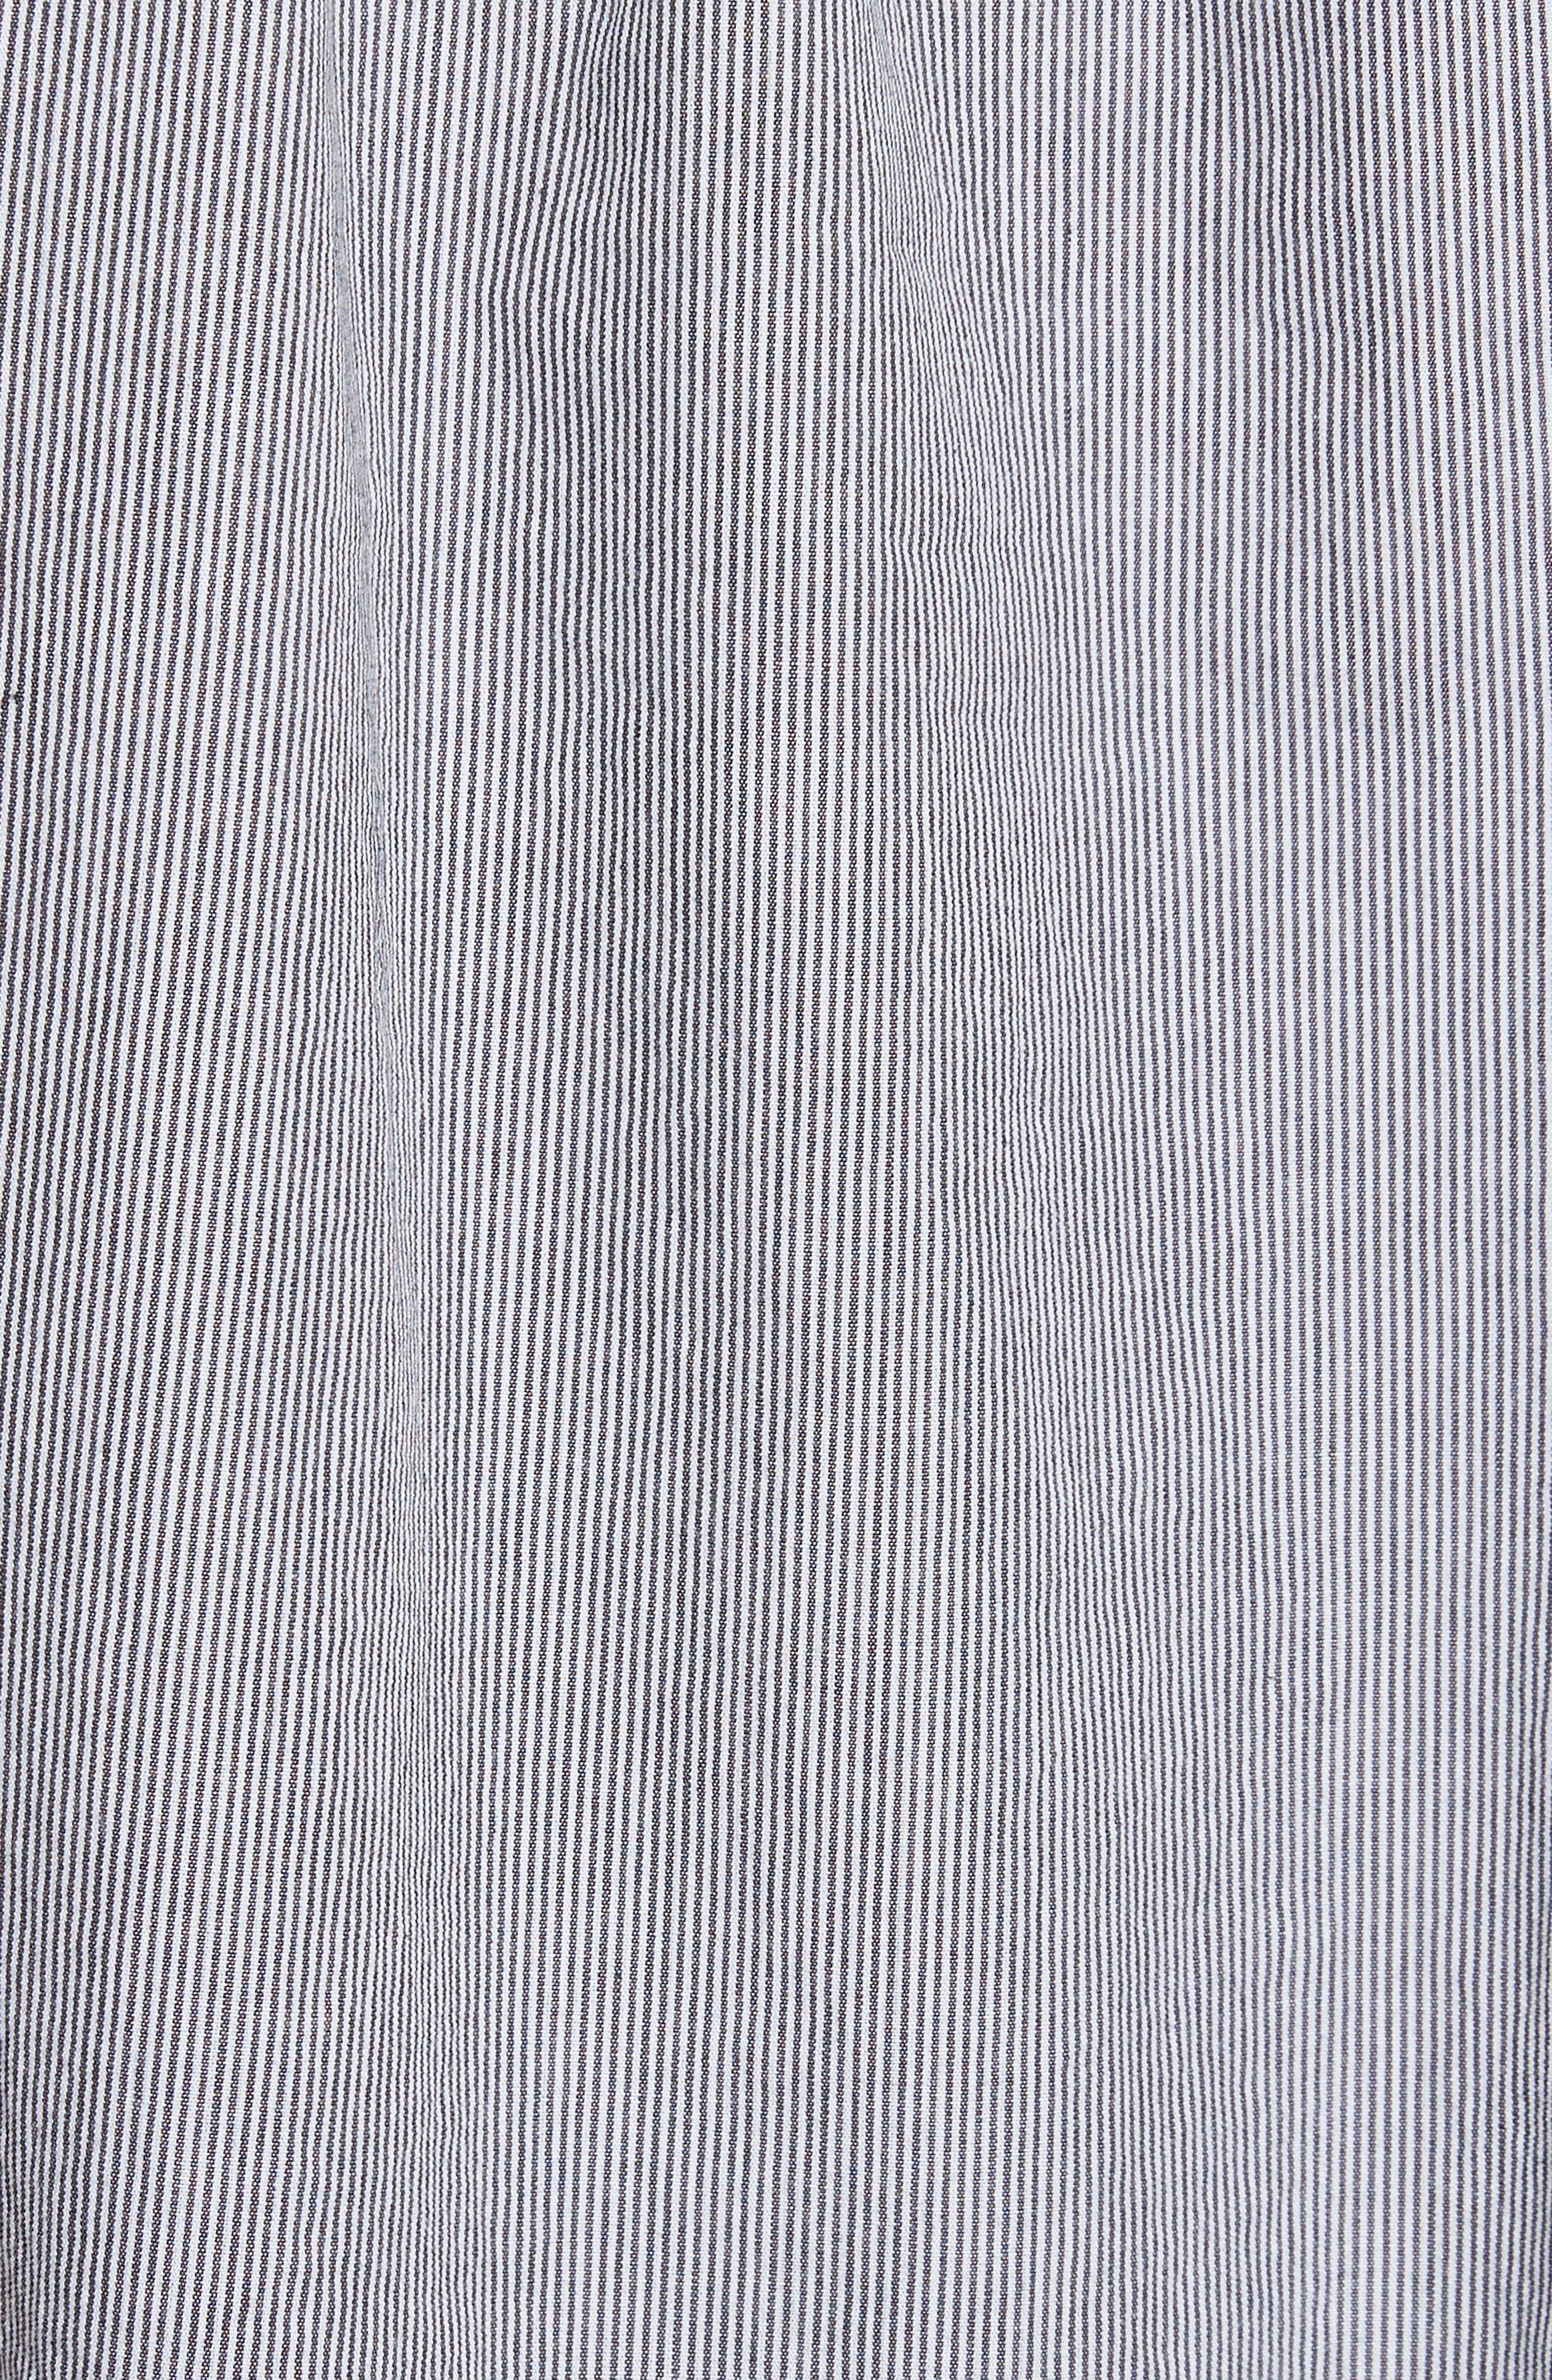 Stripe Popover Top,                             Alternate thumbnail 5, color,                             005